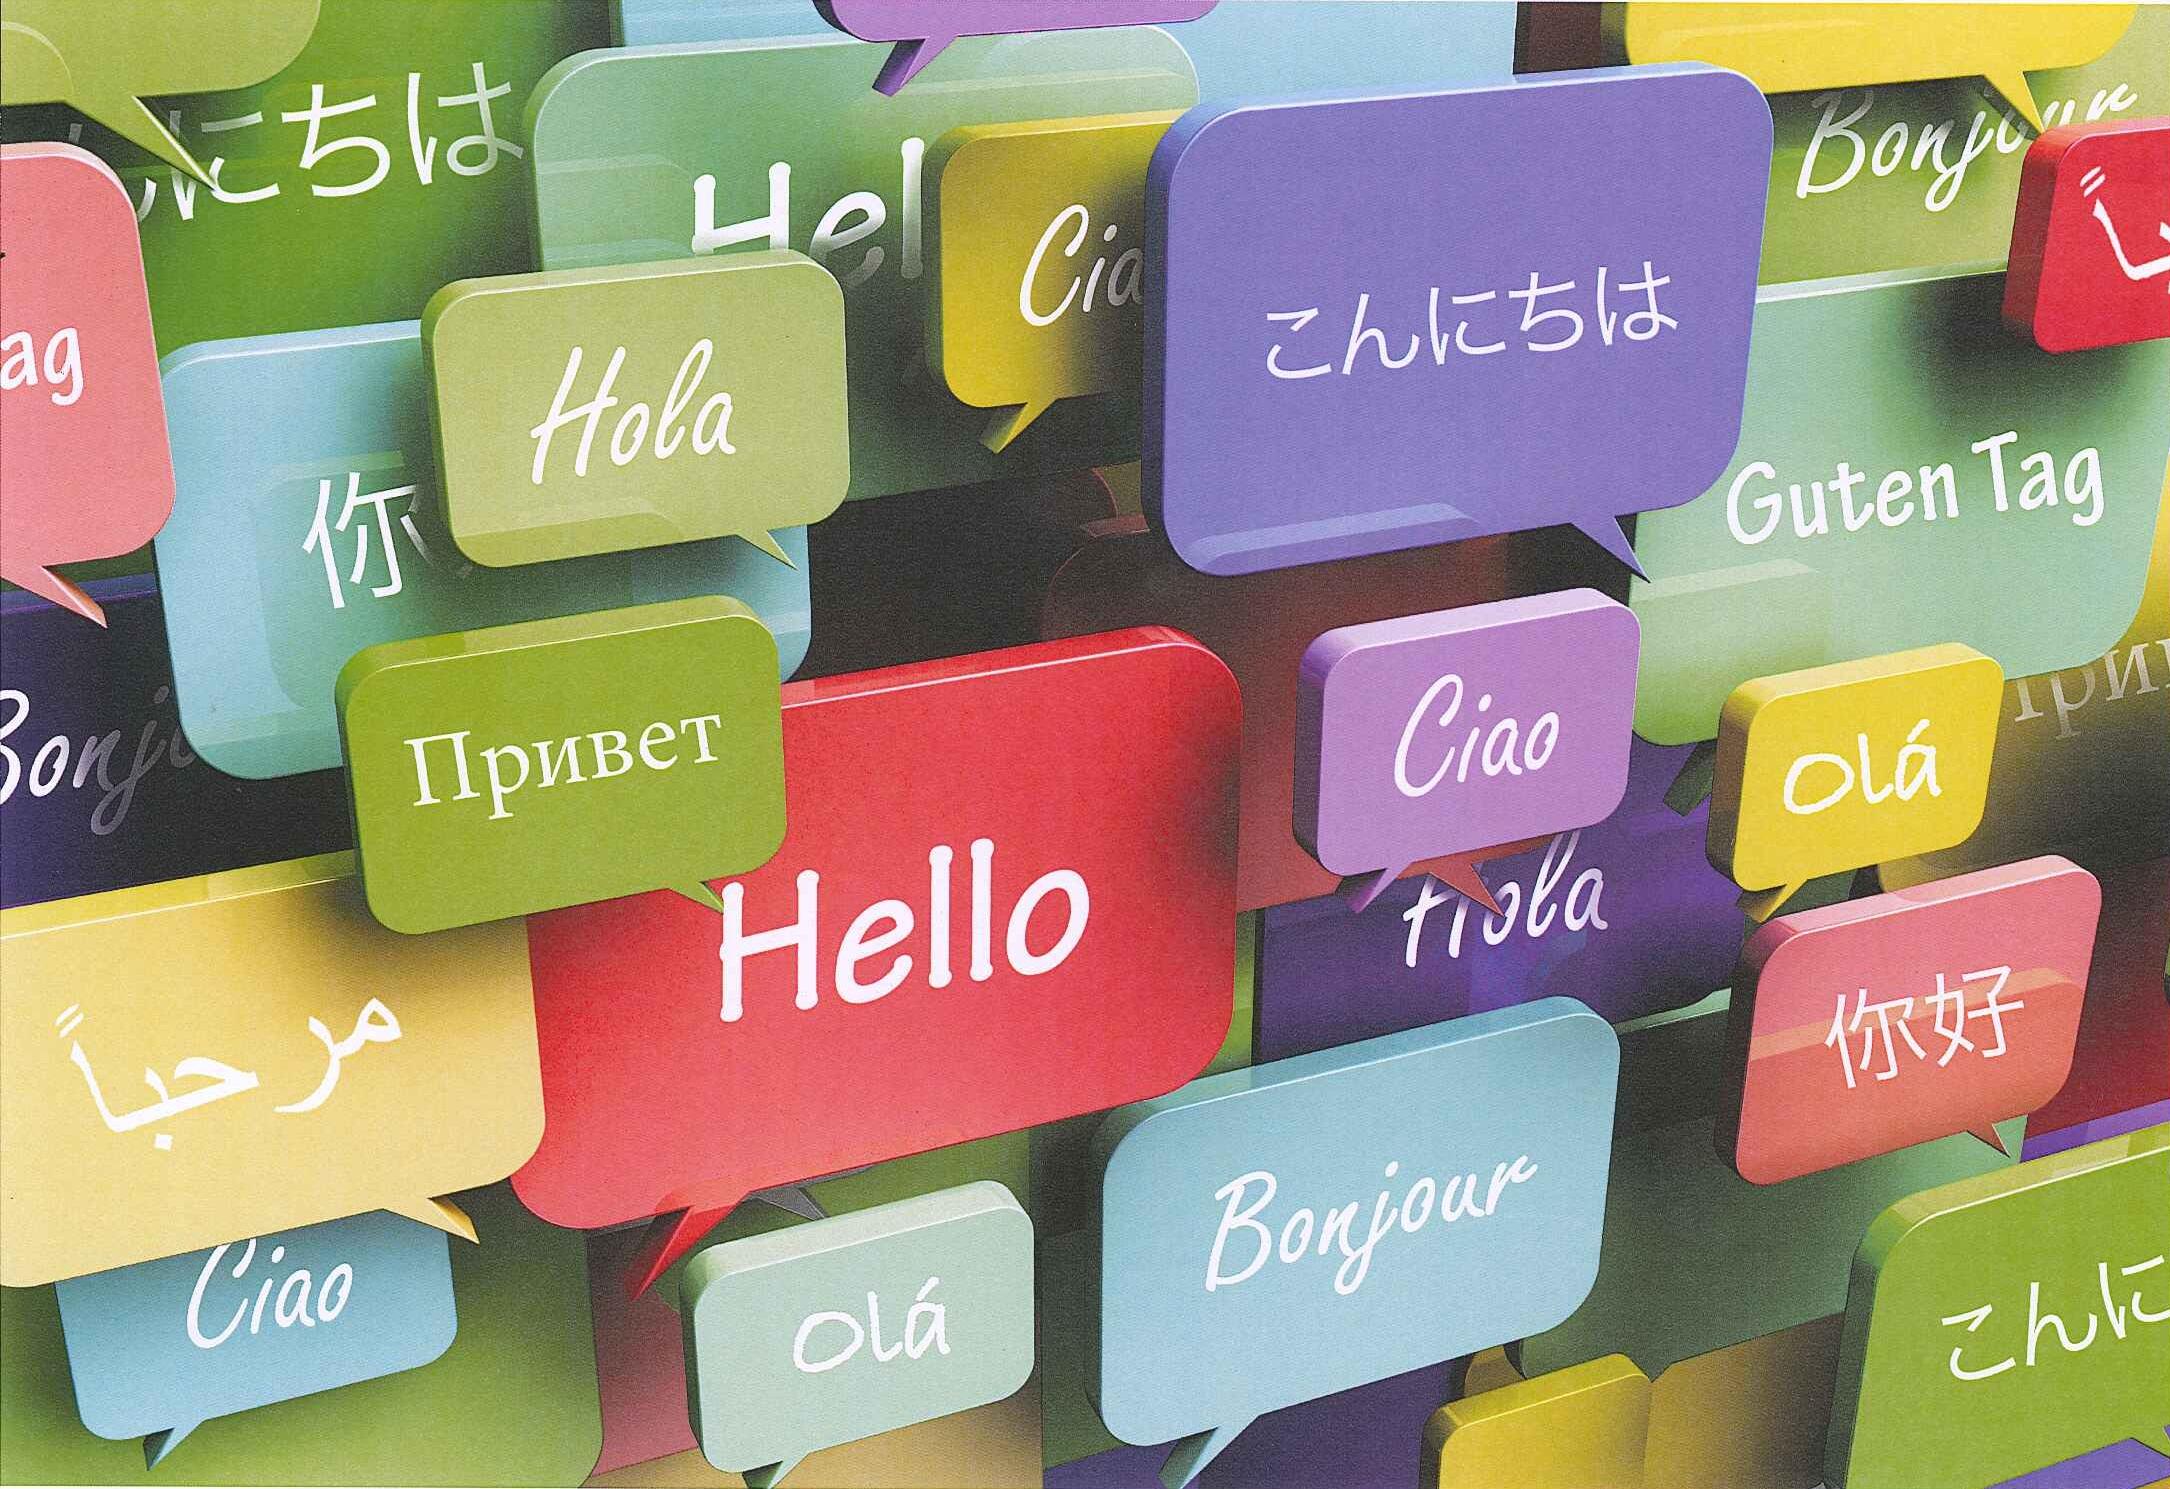 Copiii expuși la mai multe limbi străine îi înțeleg mai bine pe cei din jur